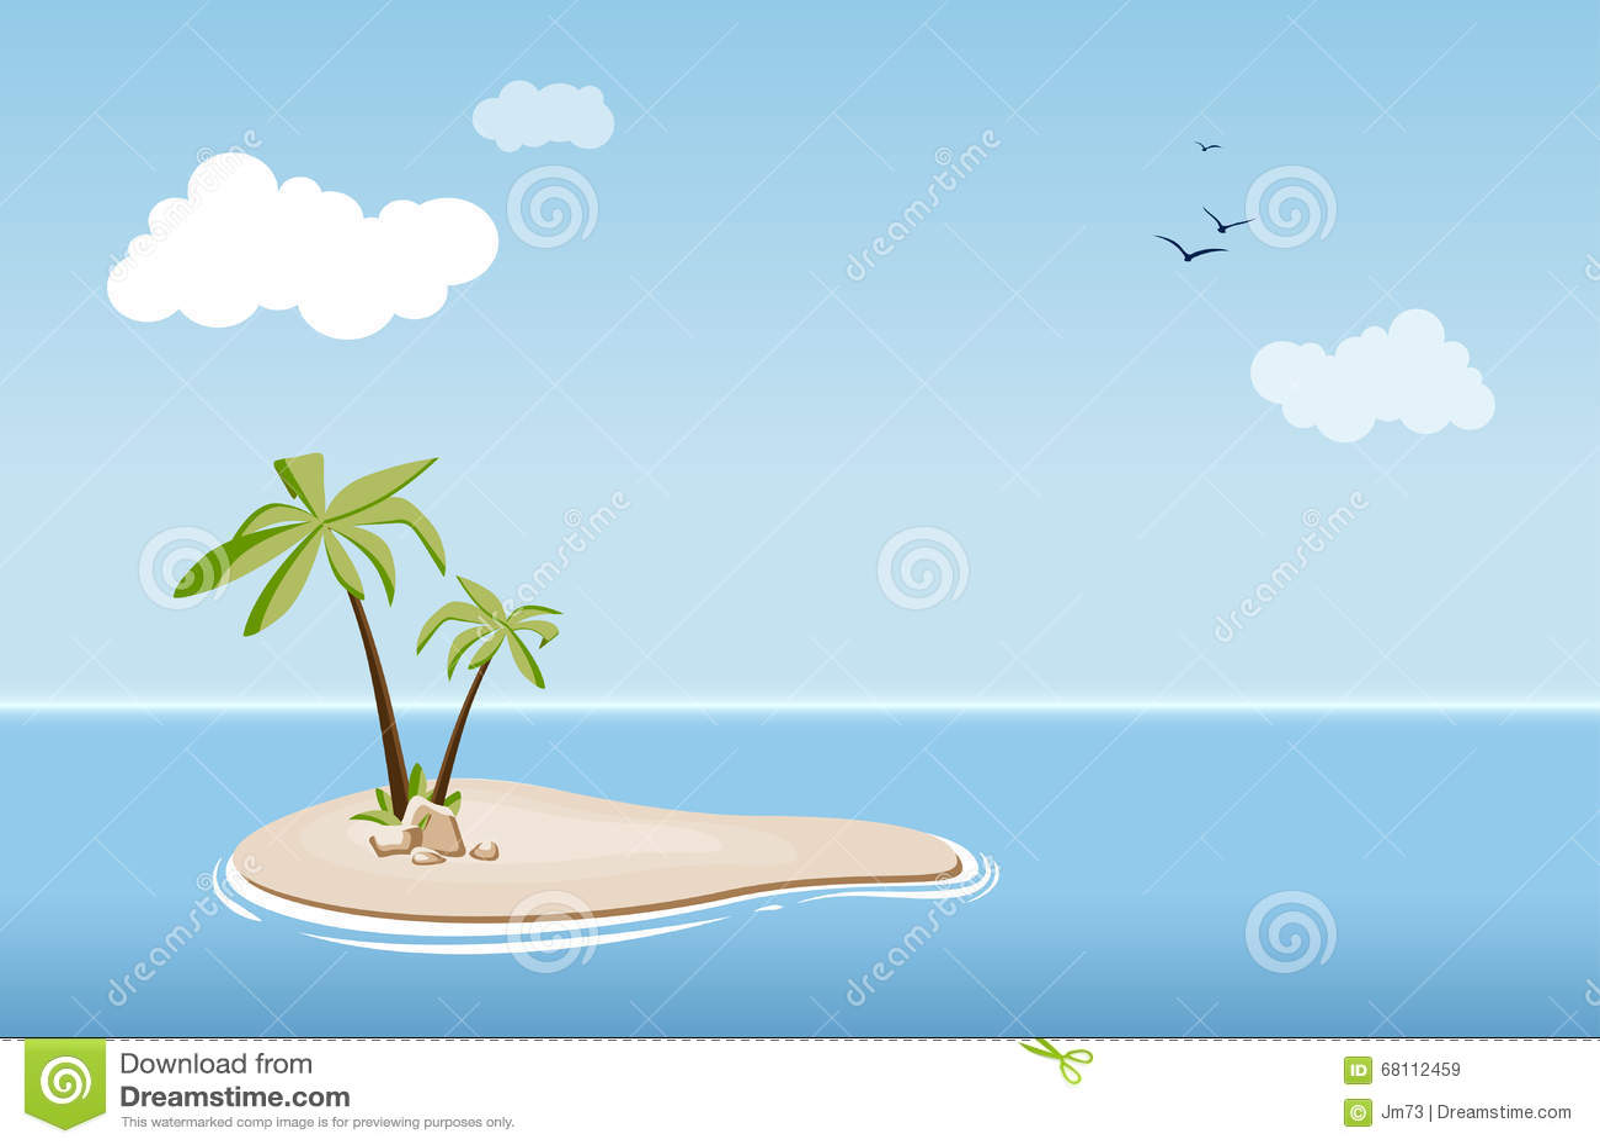 Einsame insel mit palmen im meer vektor abbildung for Koch auf englisch